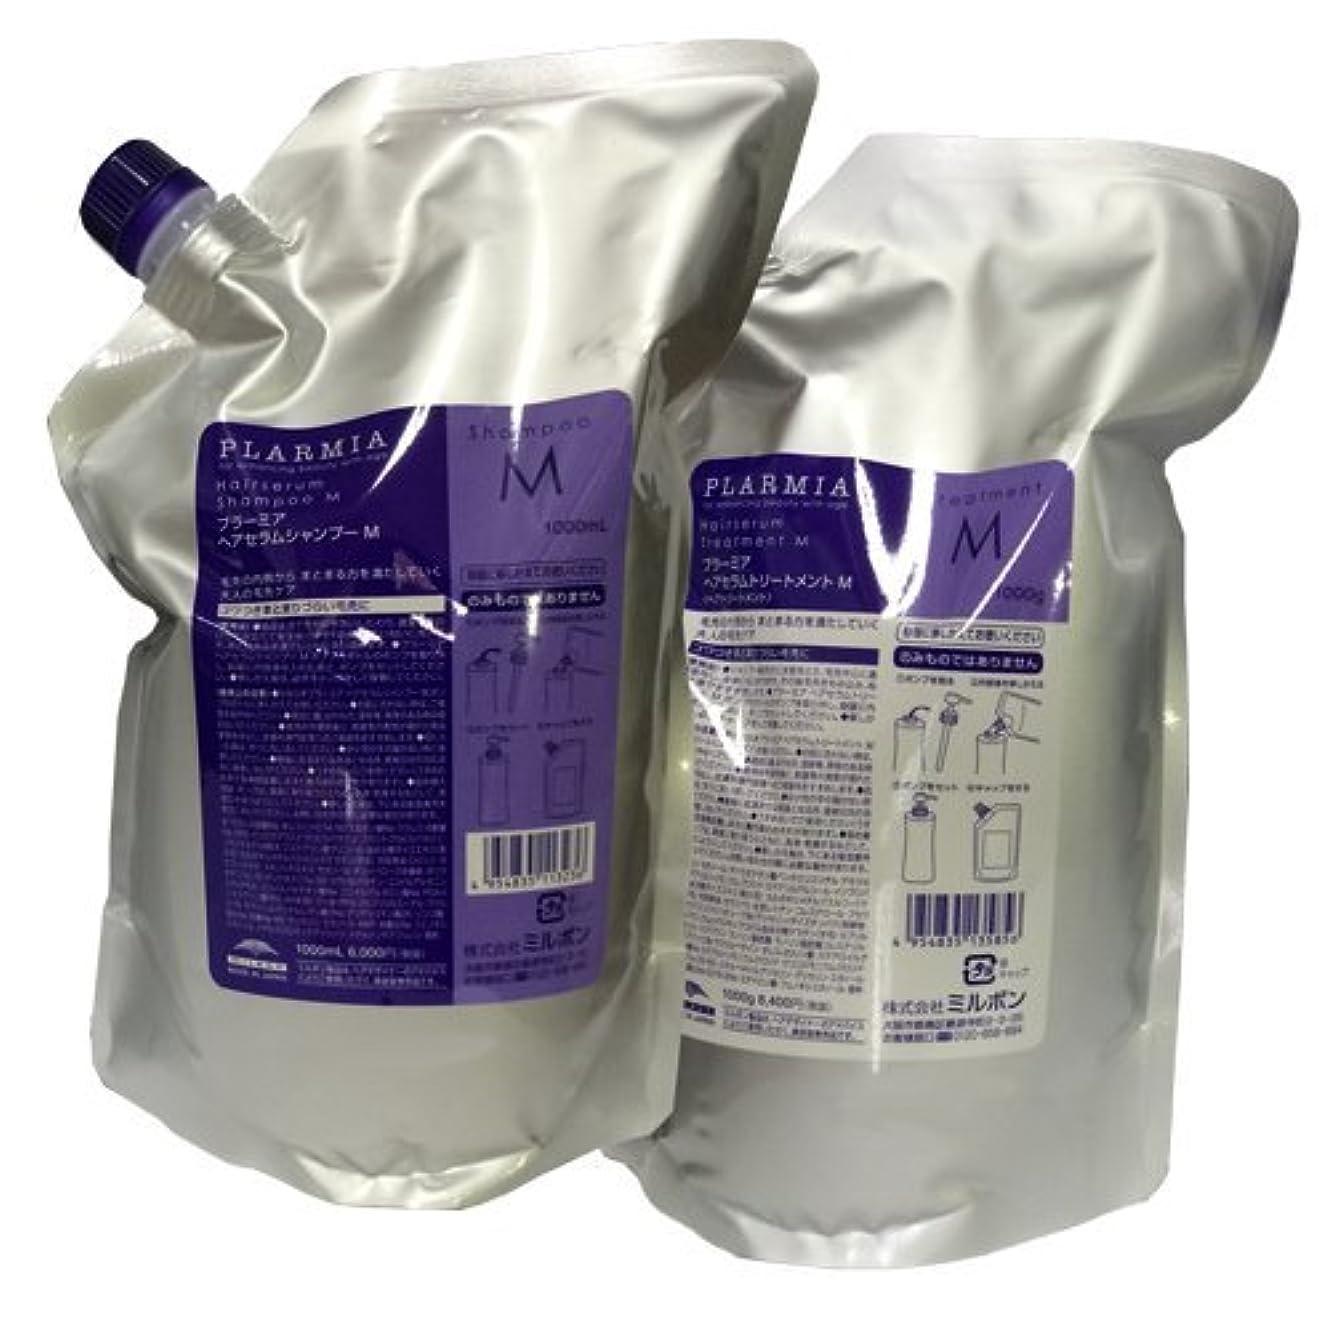 繁殖小包革新ミルボン MILBON プラーミア ヘアセラム シャンプーM&トリートメントM 各1000mL レフィルセット